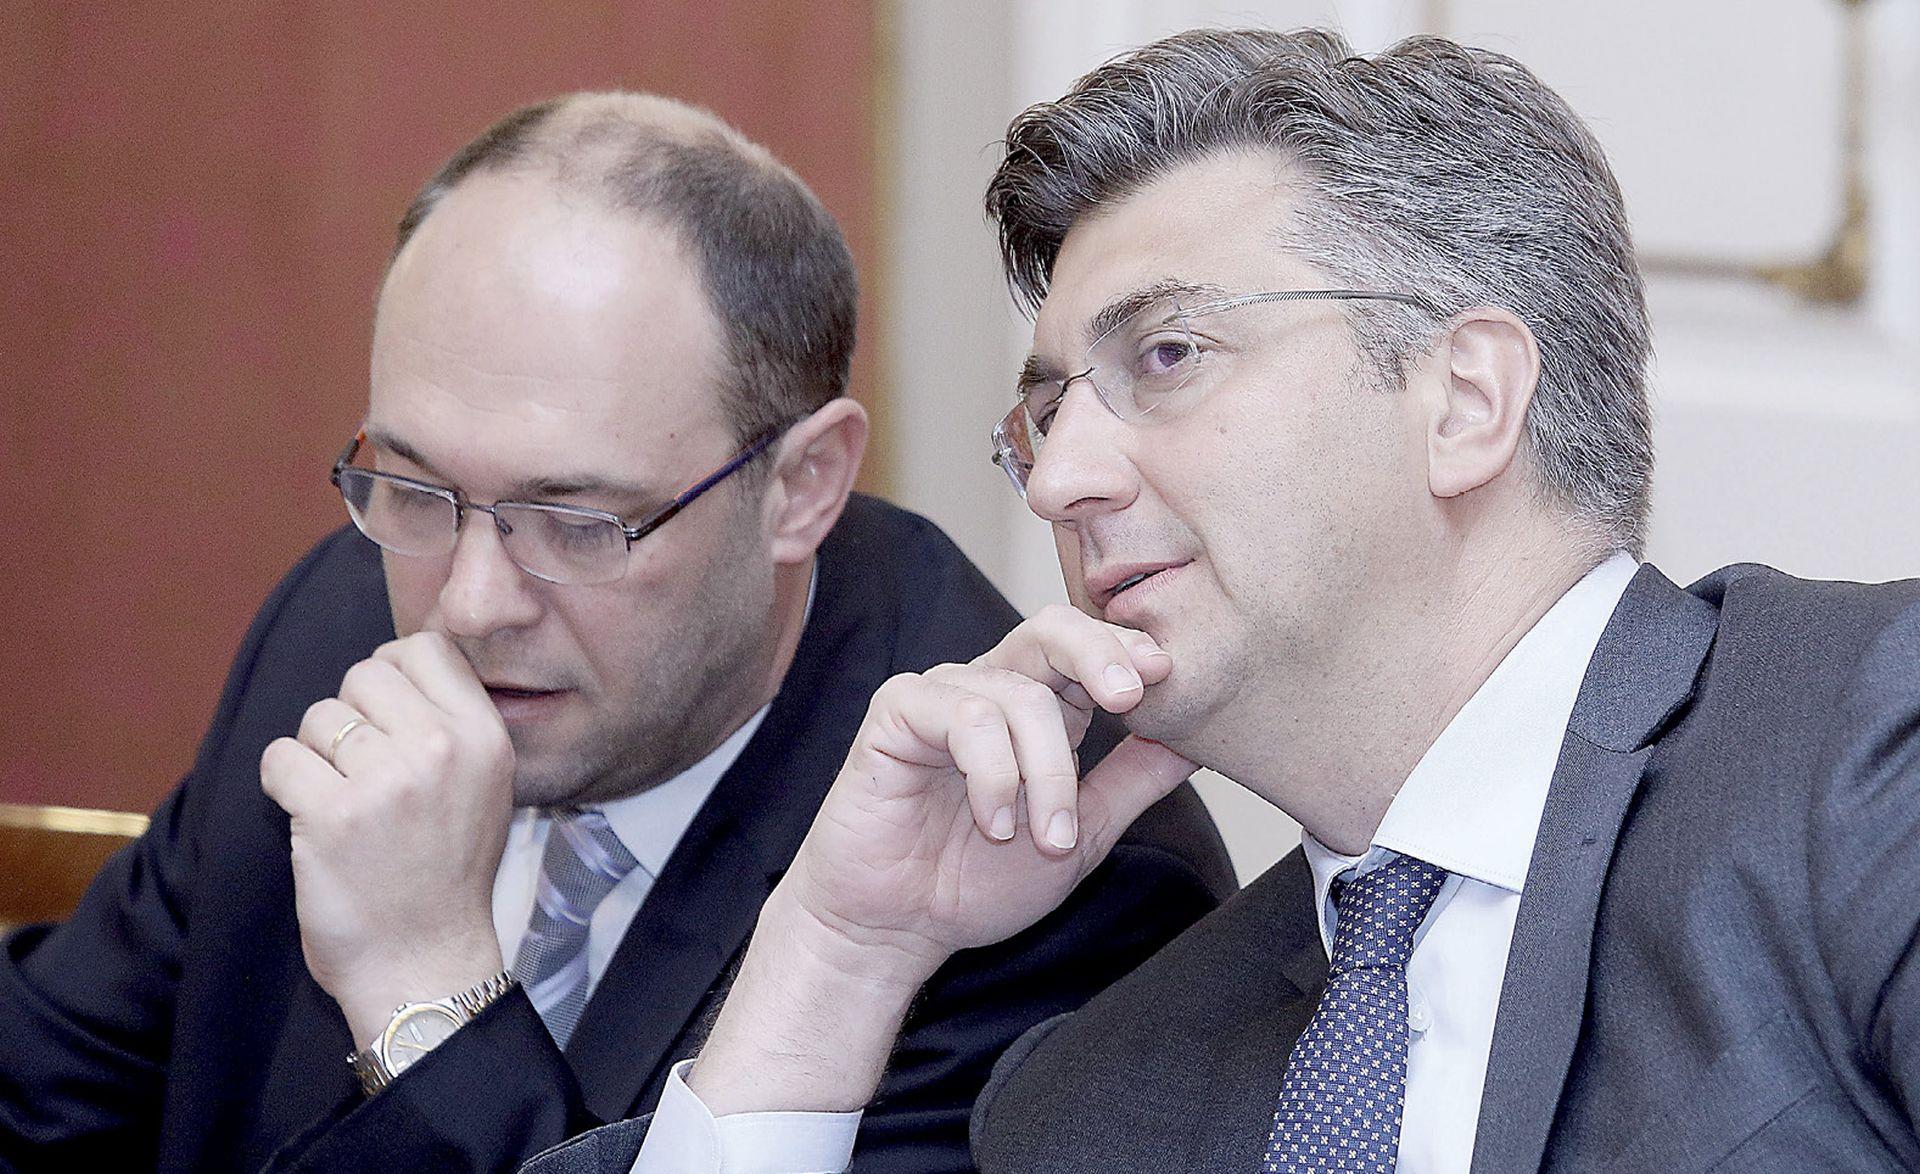 Stier je bio spreman podnijeti ostavku, a konačnu odluku donijet će nakon 4. lipnja